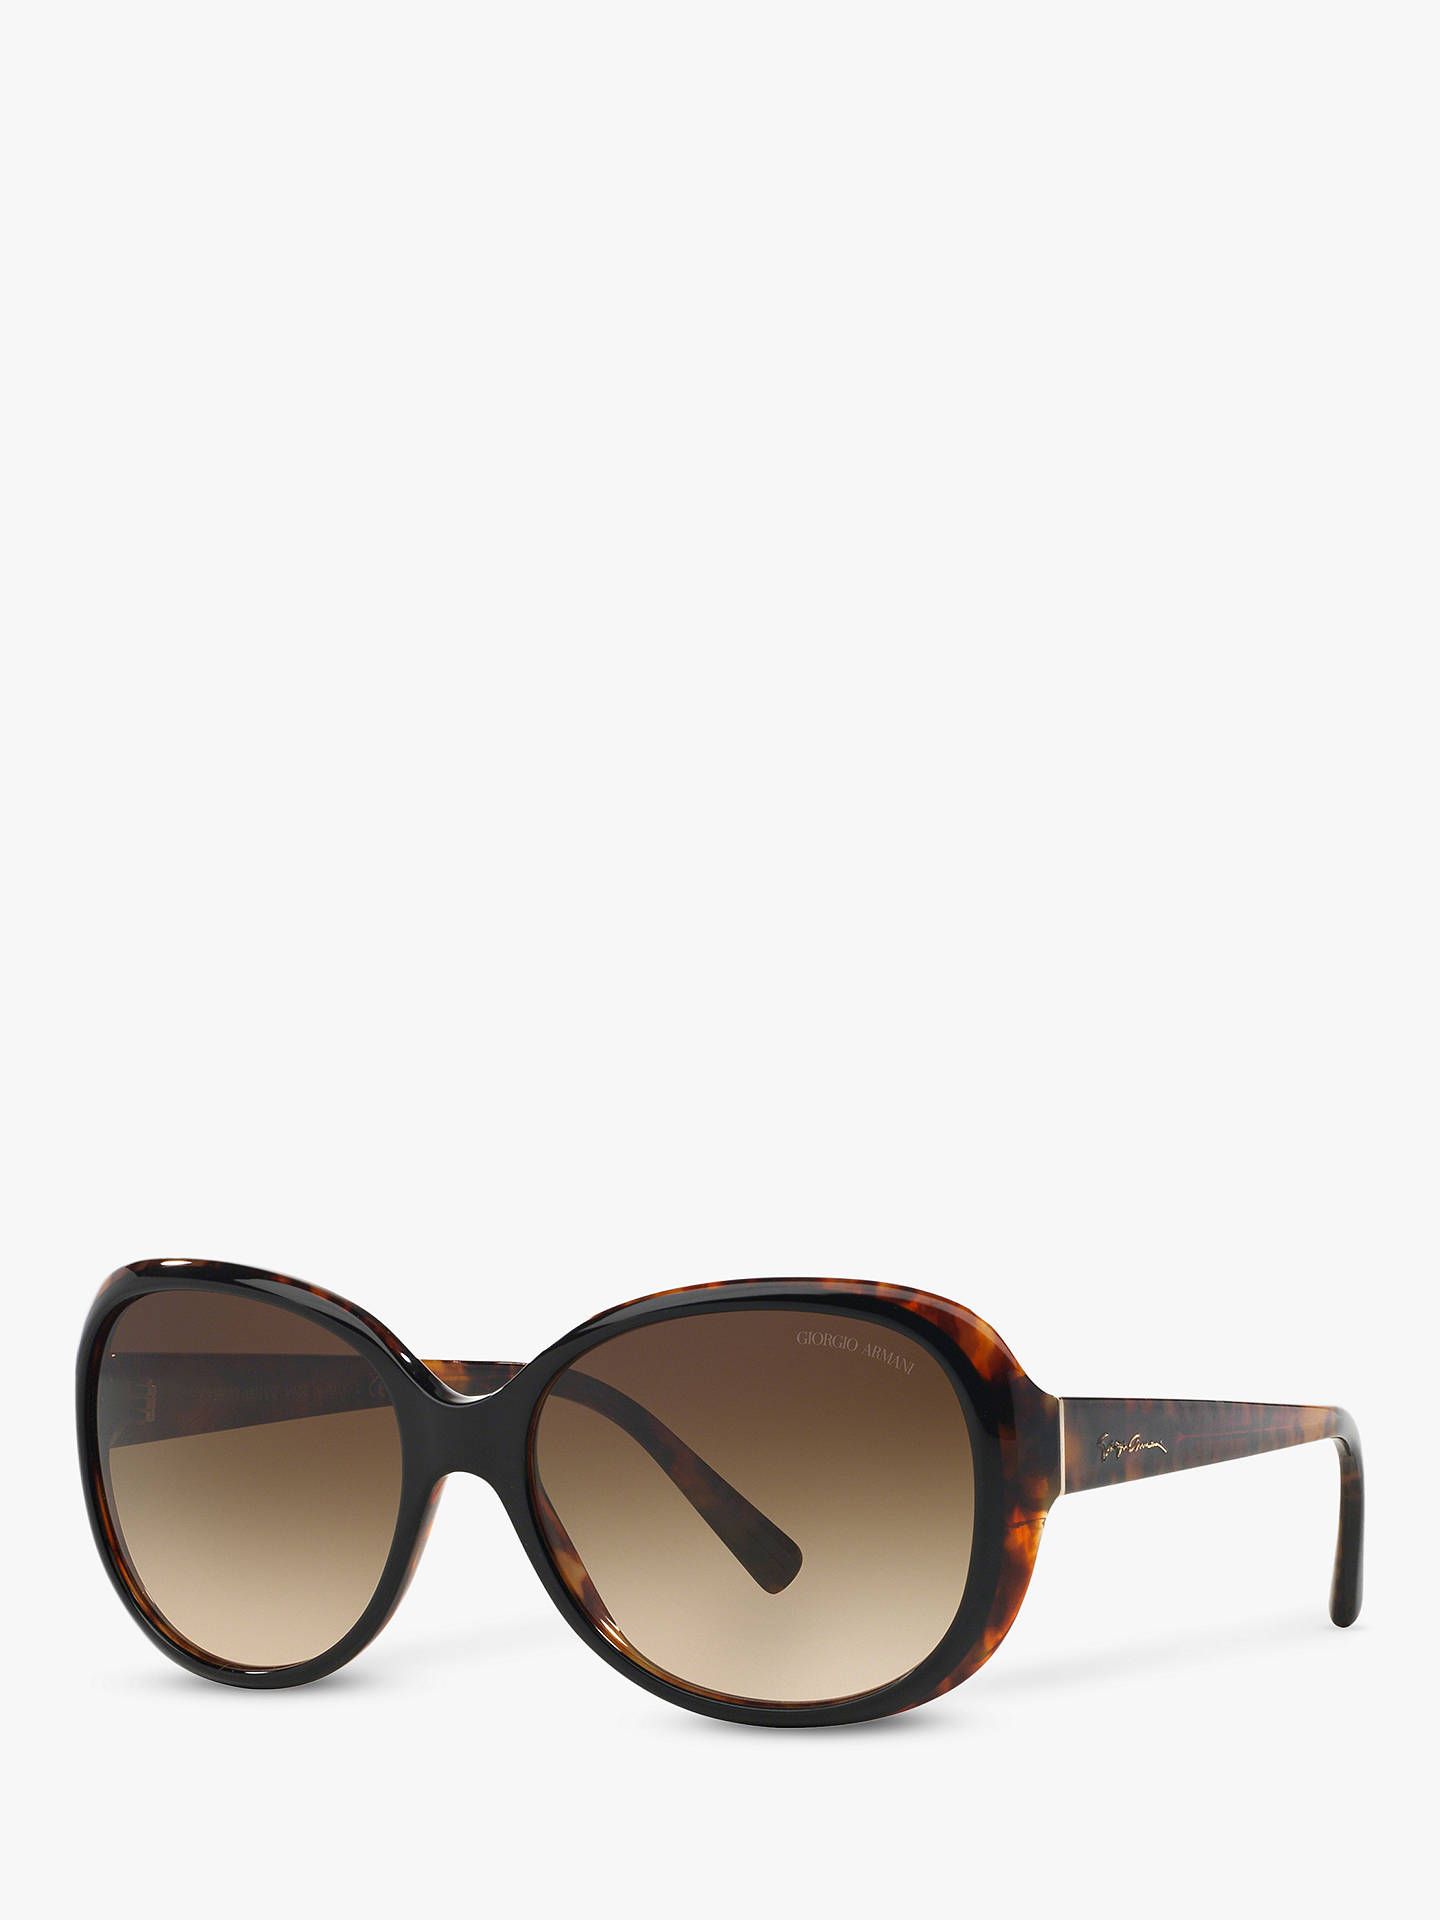 8e1e1de96c9b Buy Giorgio Armani AR8047 Women s Round Sunglasses